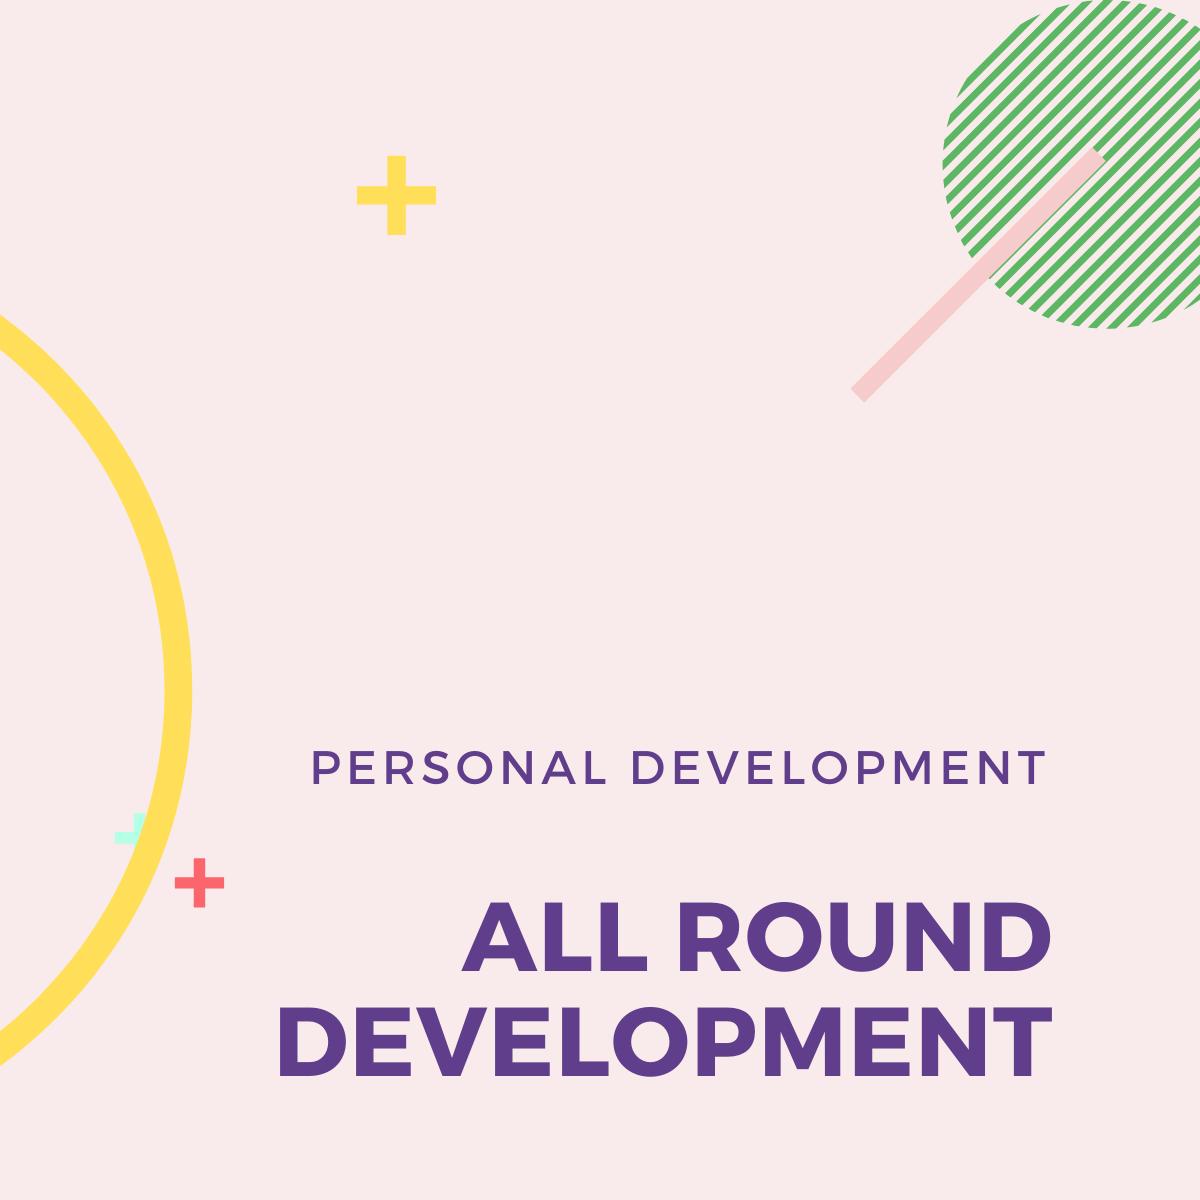 All round development